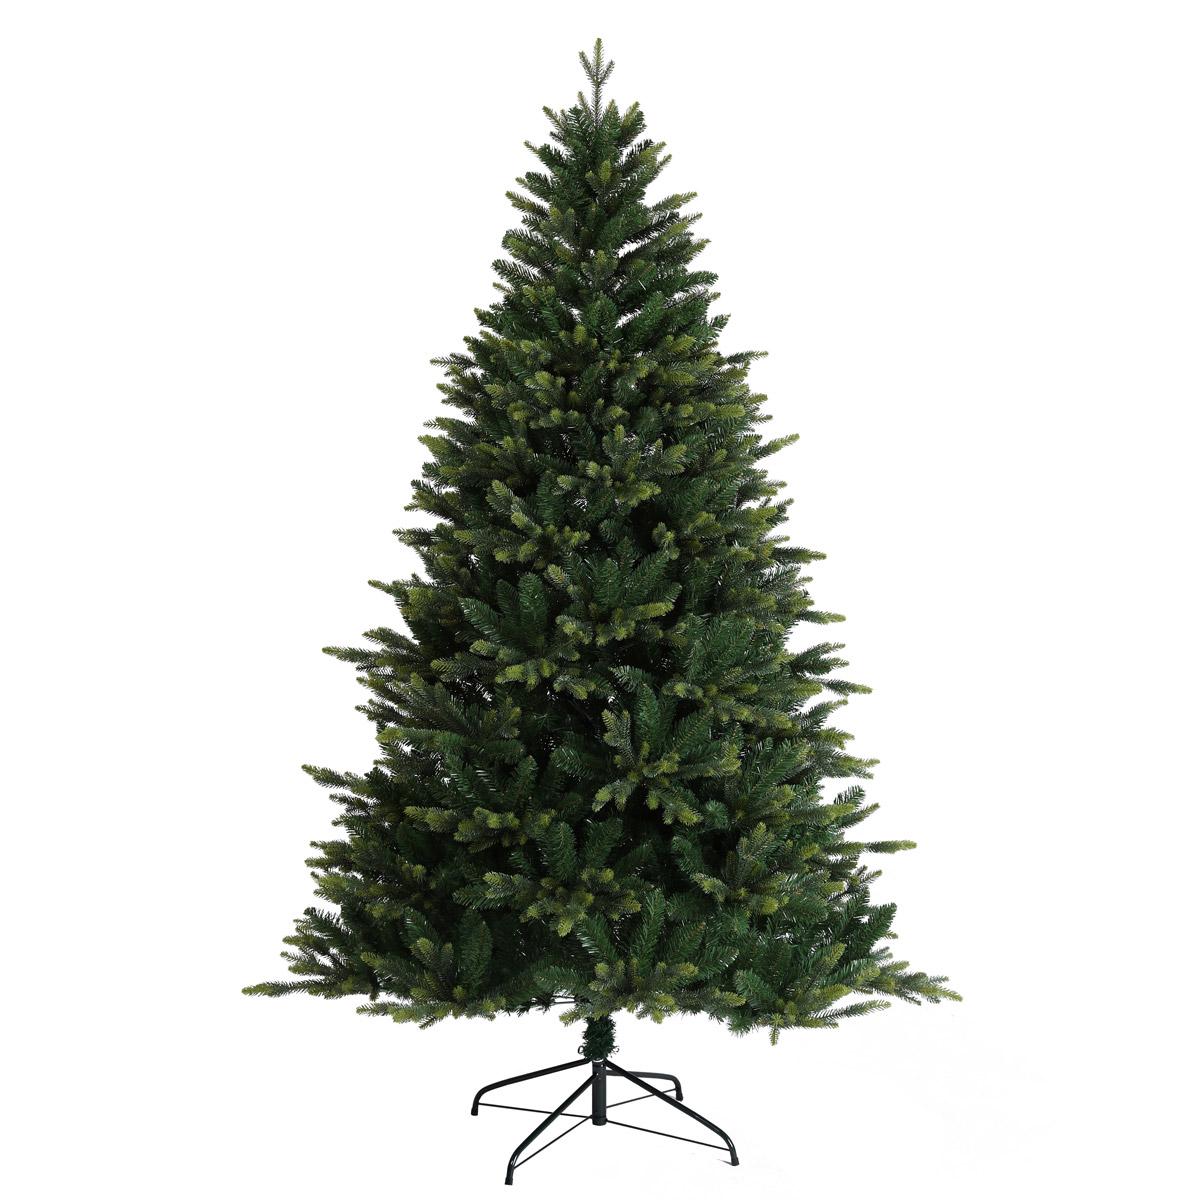 92034 SVITA Weihnachtsbaum HQ künstlich 210 cm